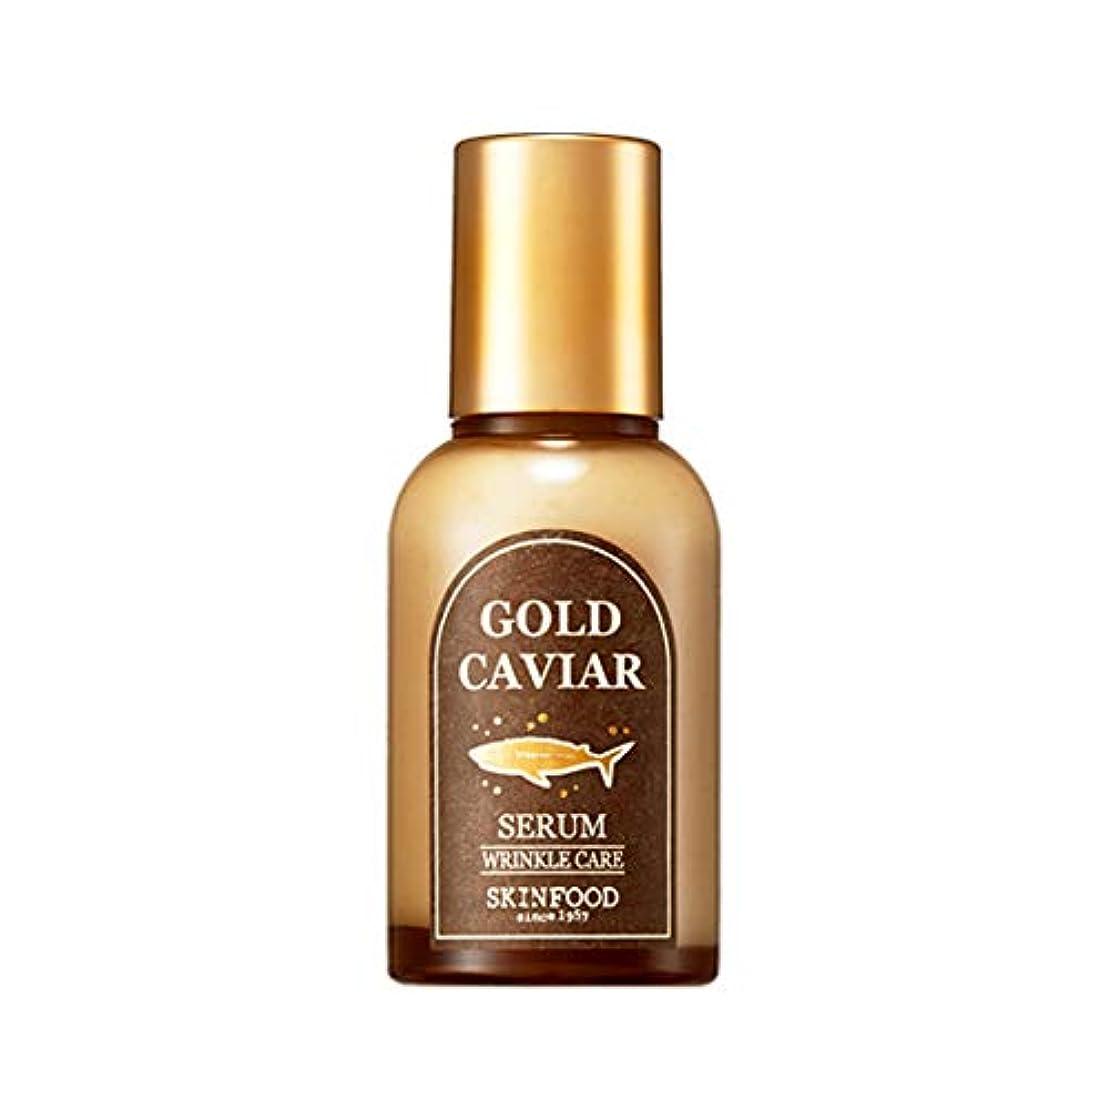 切断する羊の服を着た狼代替案Skinfood Gold Caviar Serum [Cosmeceutical for wrinkle care] /ゴールドキャビアセラム[しわケア用化粧品]/50ml [並行輸入品]